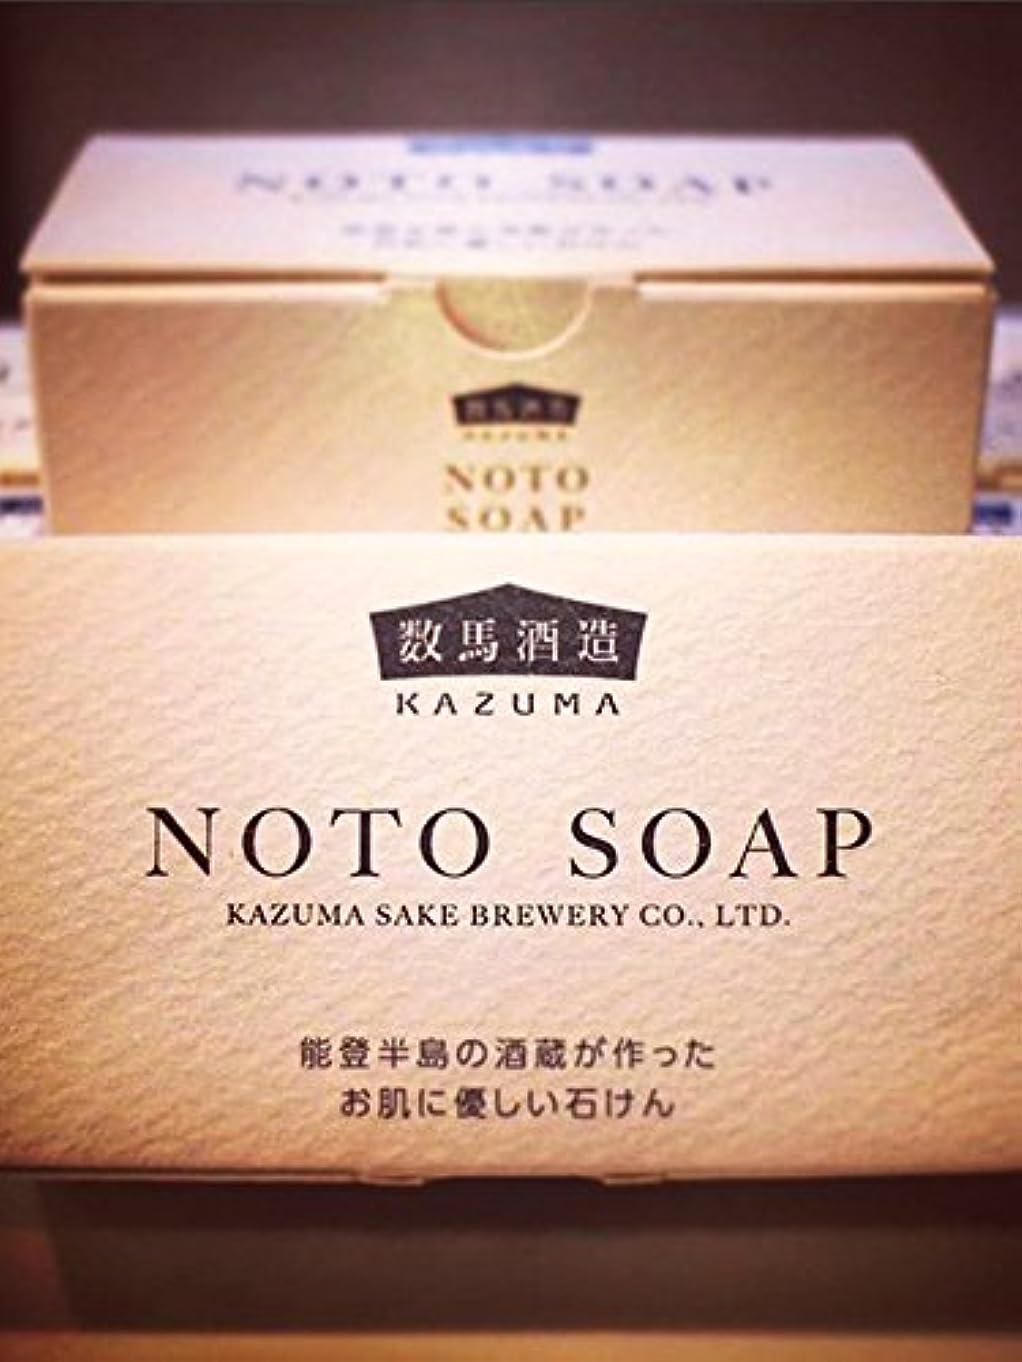 燃やすセッション推測する竹葉 NOTO SOAP 酒粕石鹸 1個80g